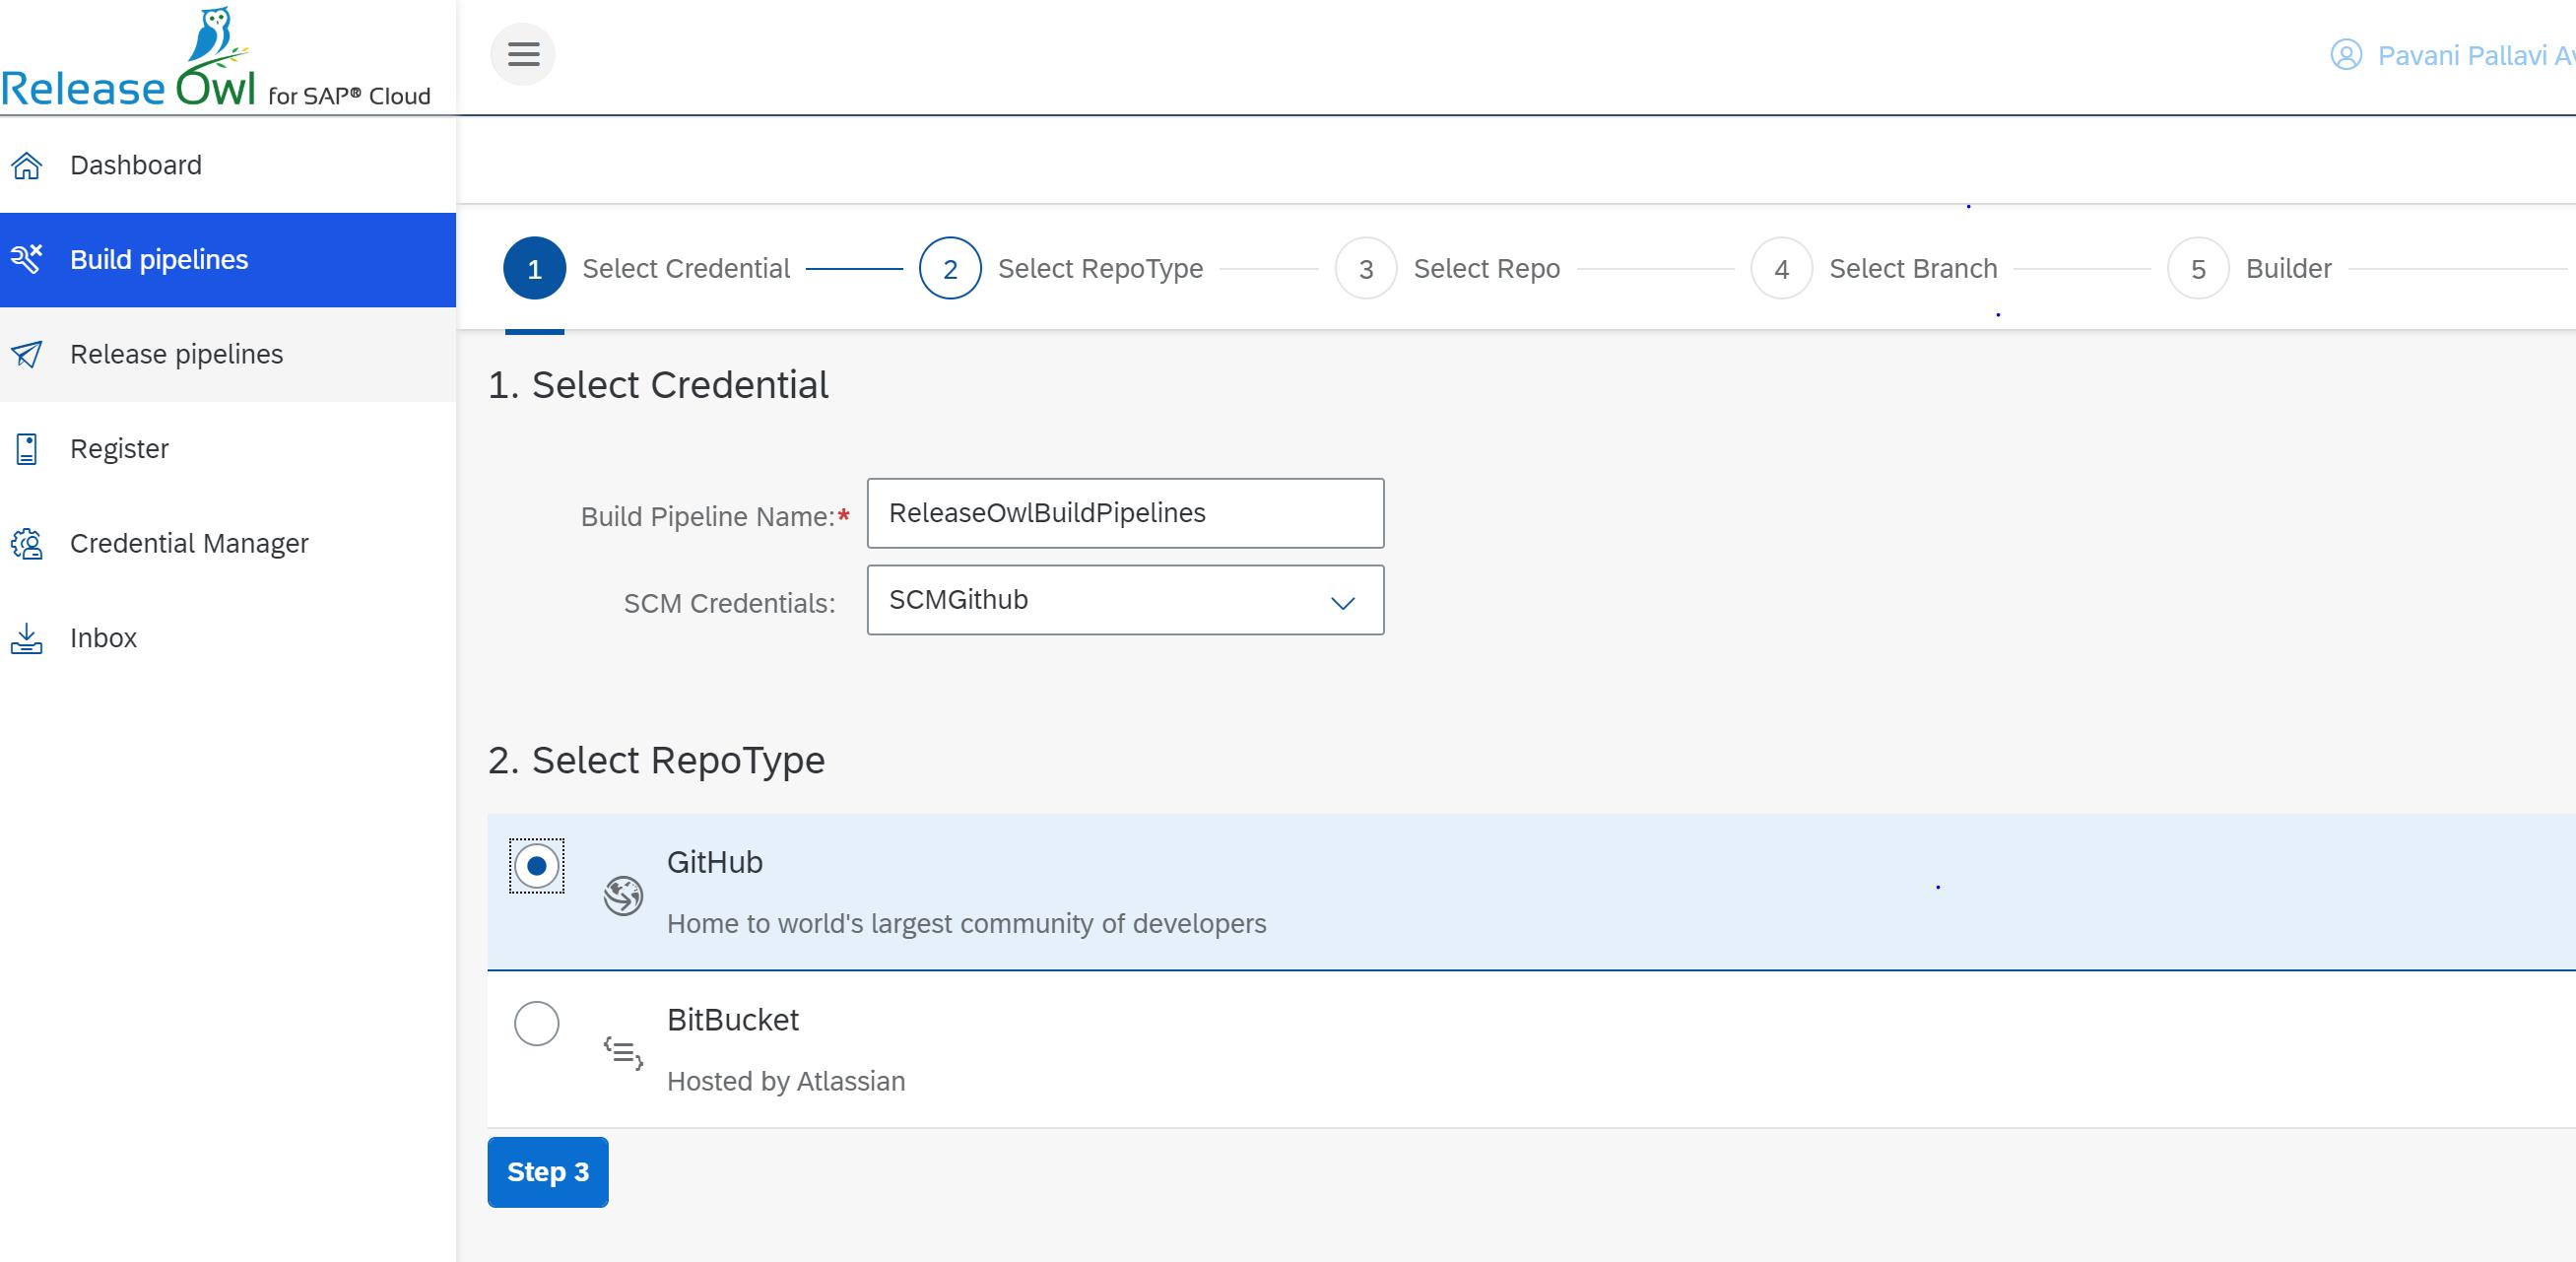 ReleaseOwl-BuildPipelines for SAP Cloud